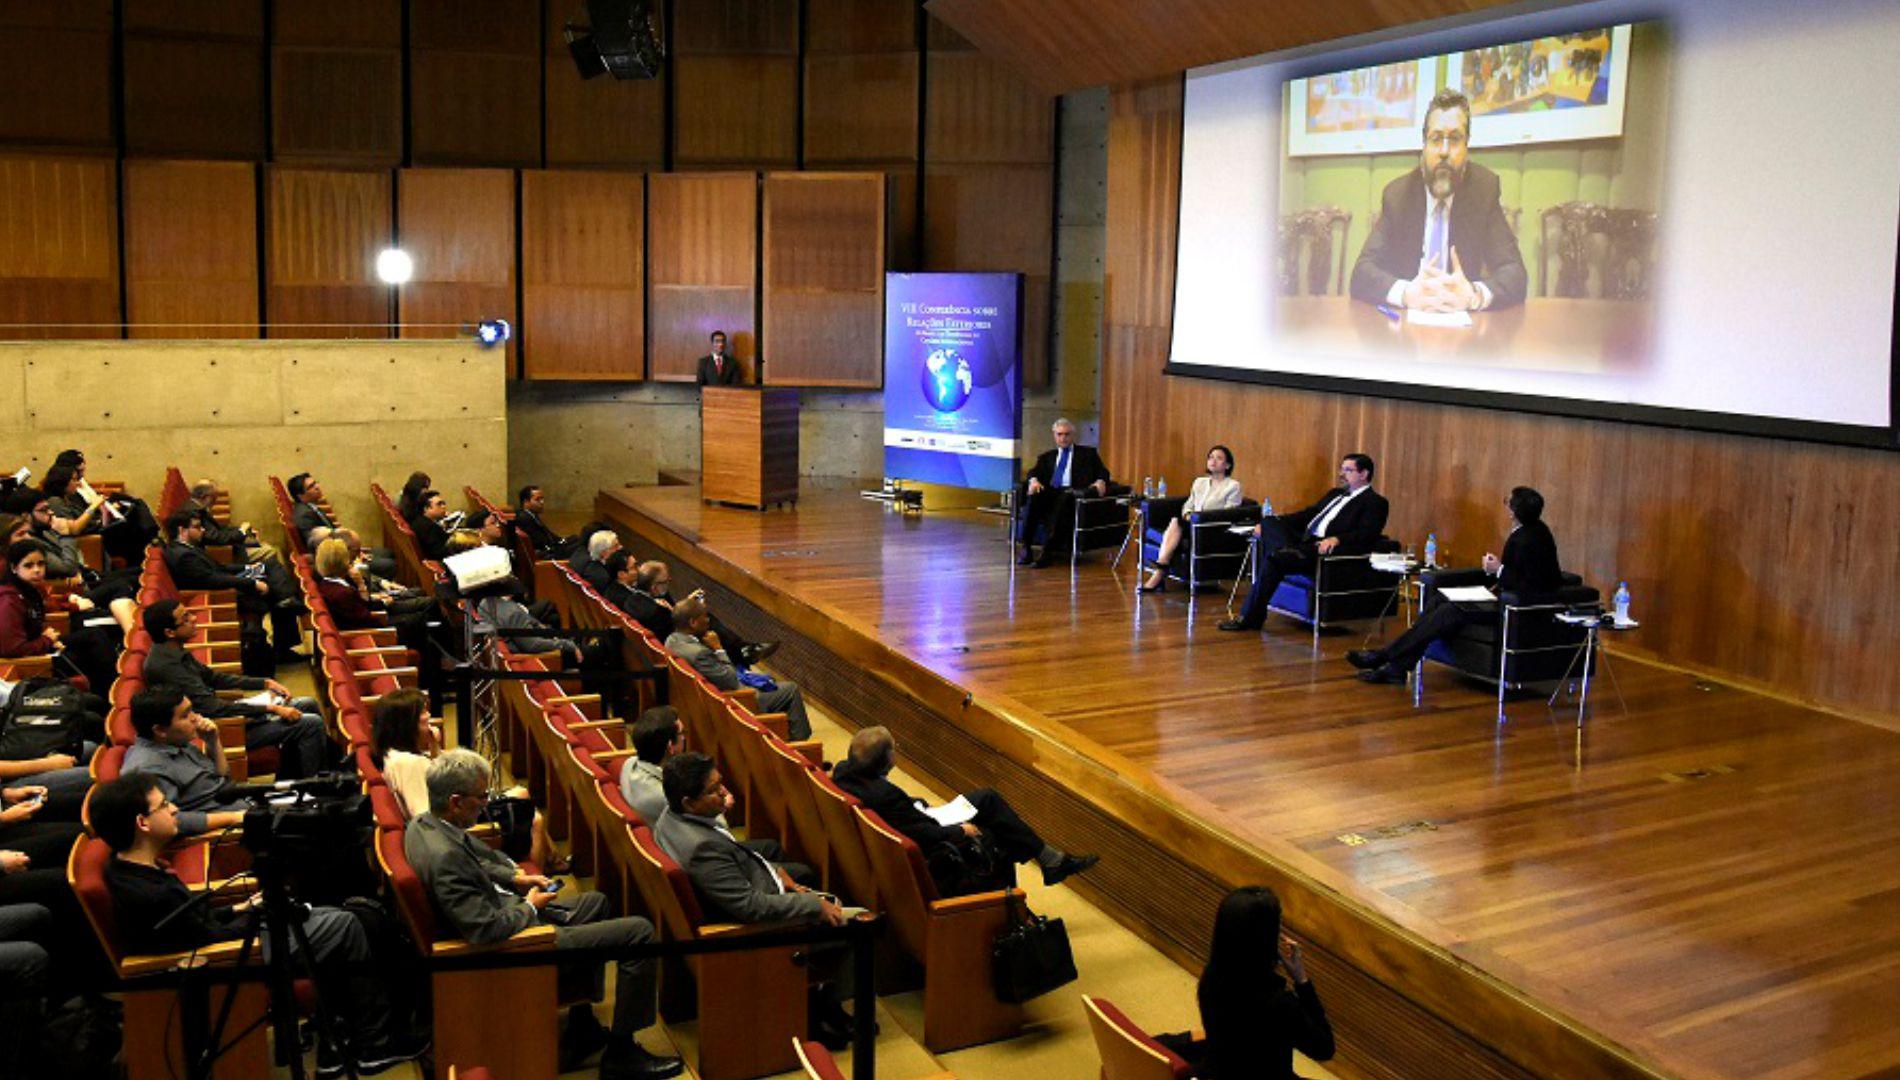 FUNAG promoveu a VIII Conferência sobre Relações Exteriores em São Paulo